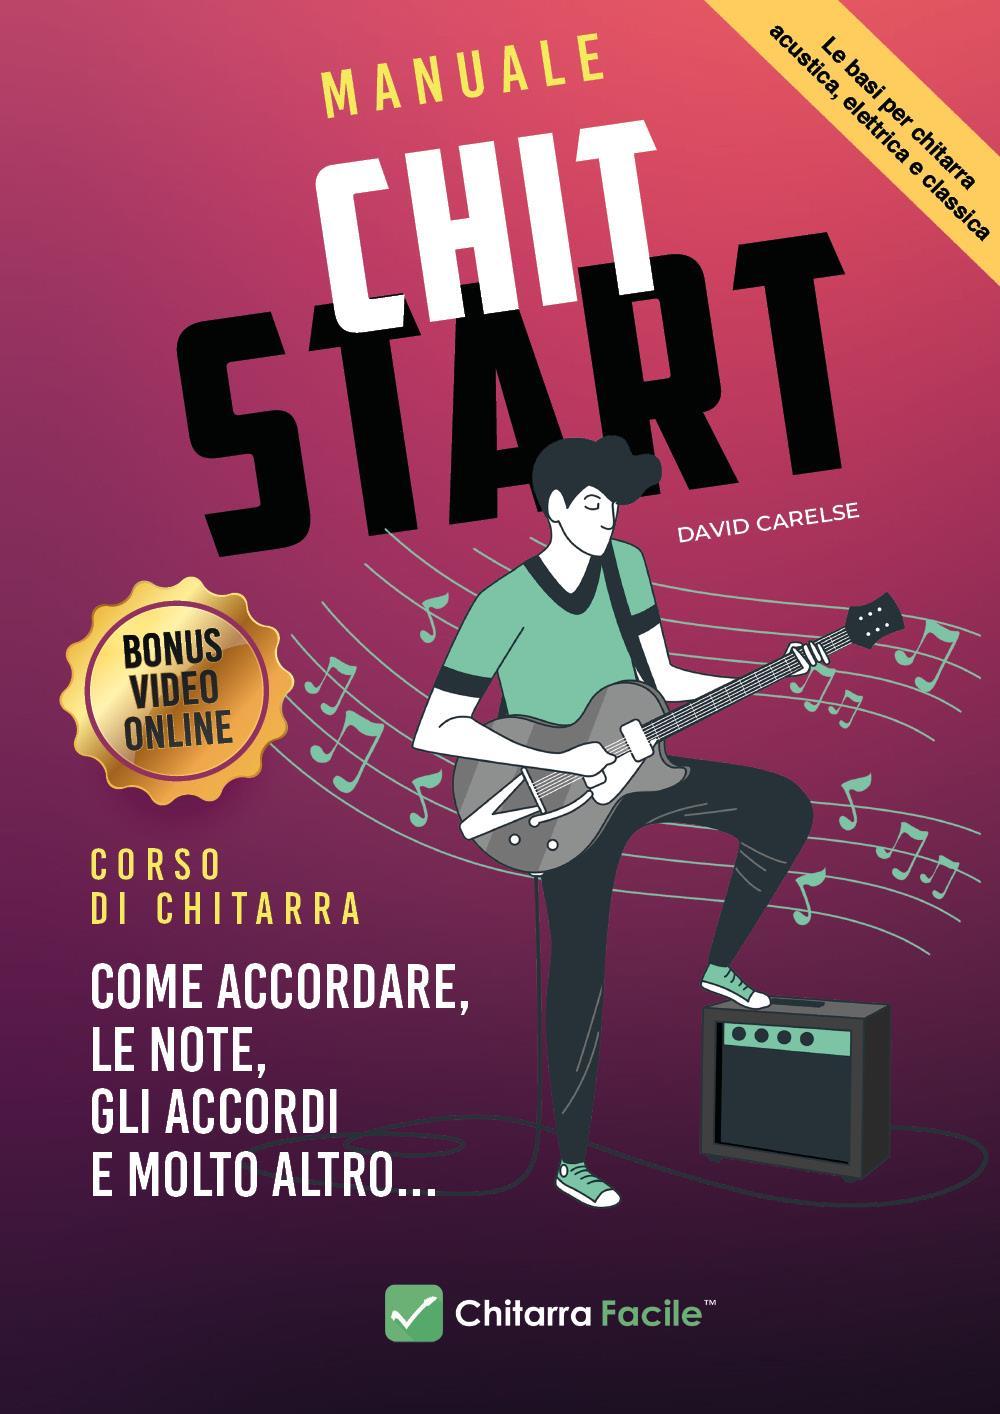 MANUALE CHIT START. Corso di Chitarra Primi Passi